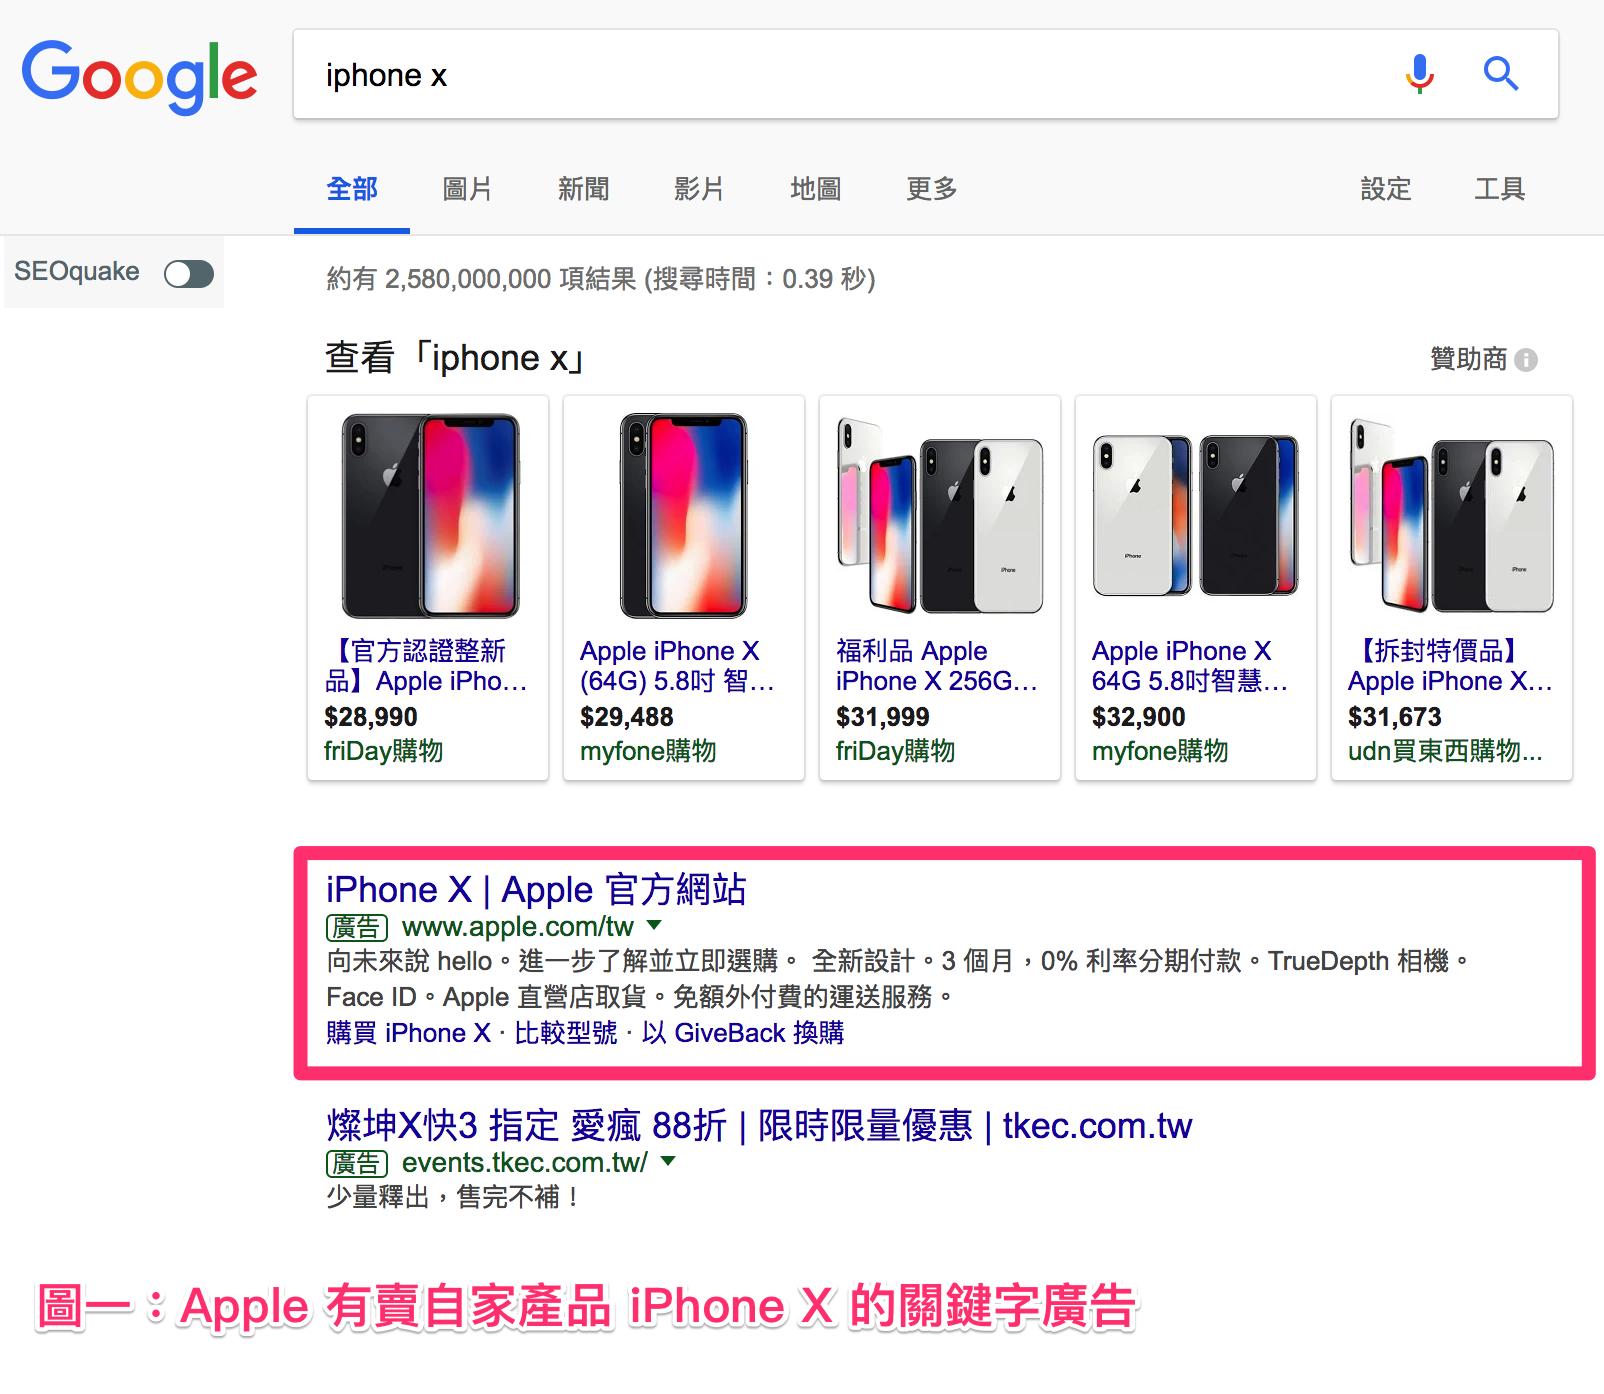 關鍵字廣告:針對 iPhone X 關鍵字搜尋的結果